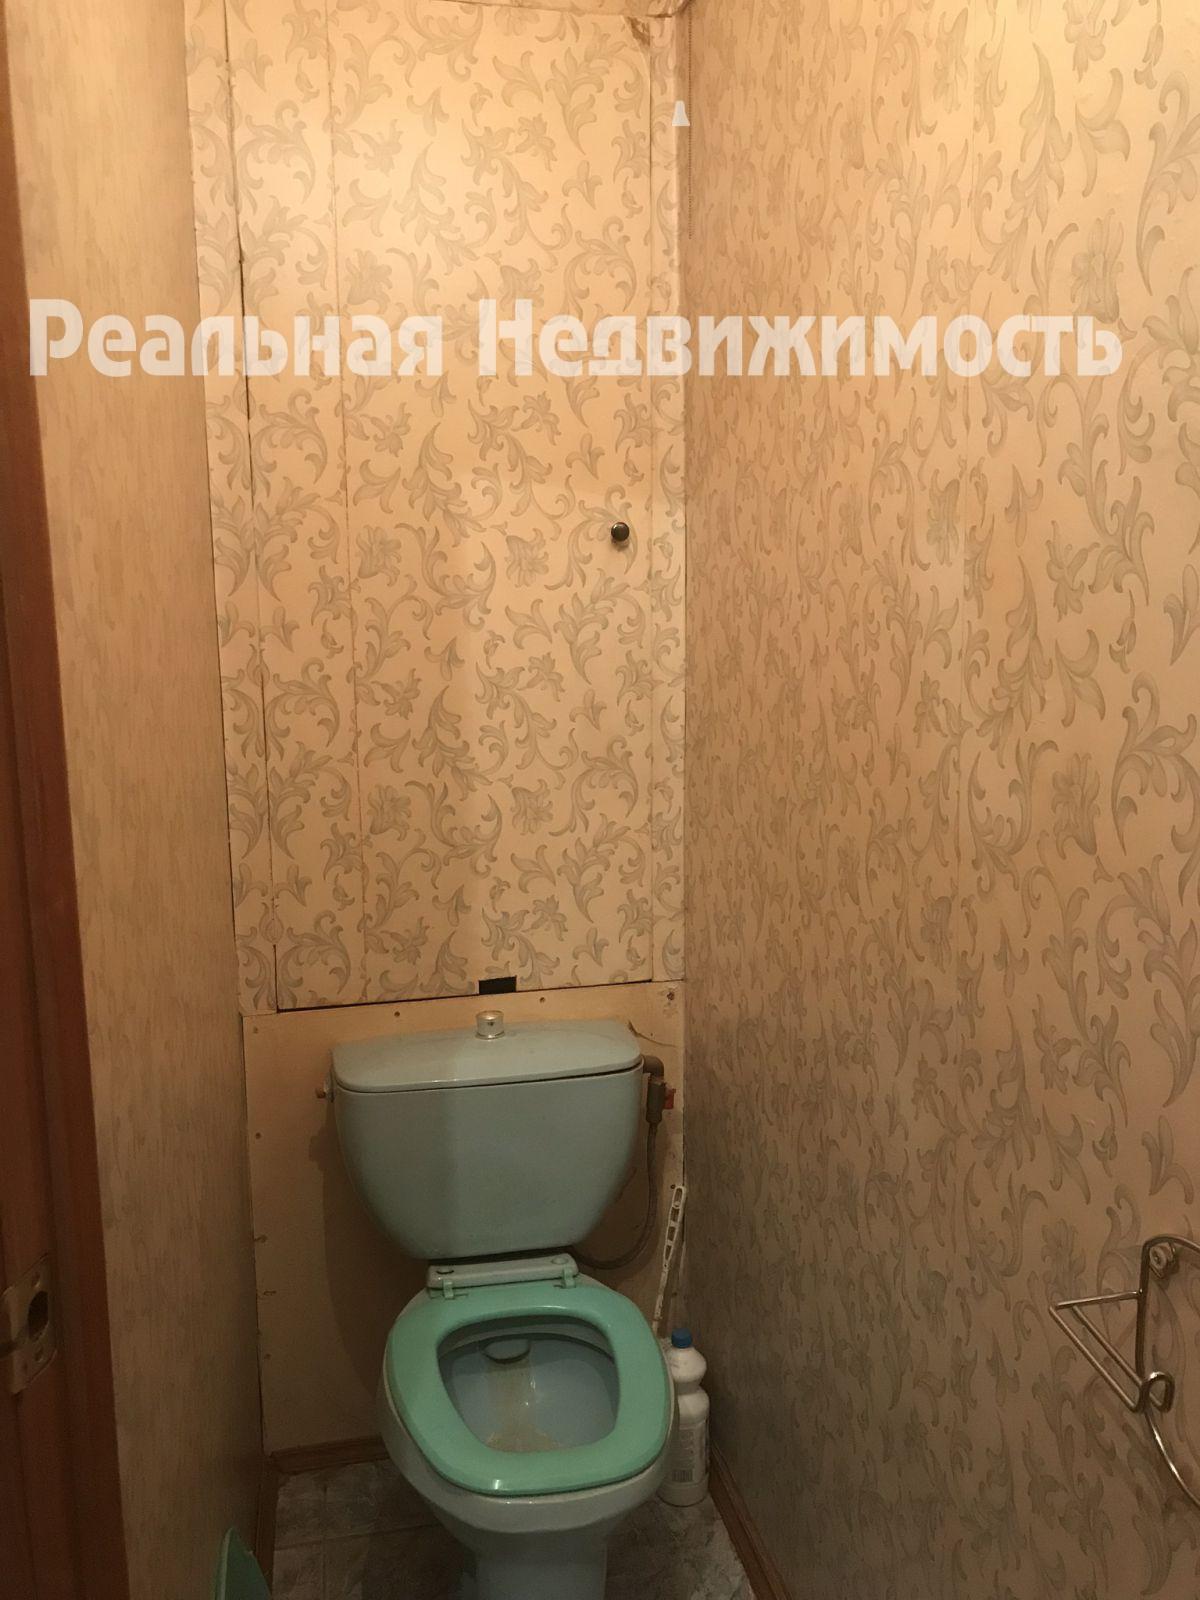 Квартира на продажу по адресу Россия, Московская область, Мытищинский р-н, Пироговский, Труда, 21